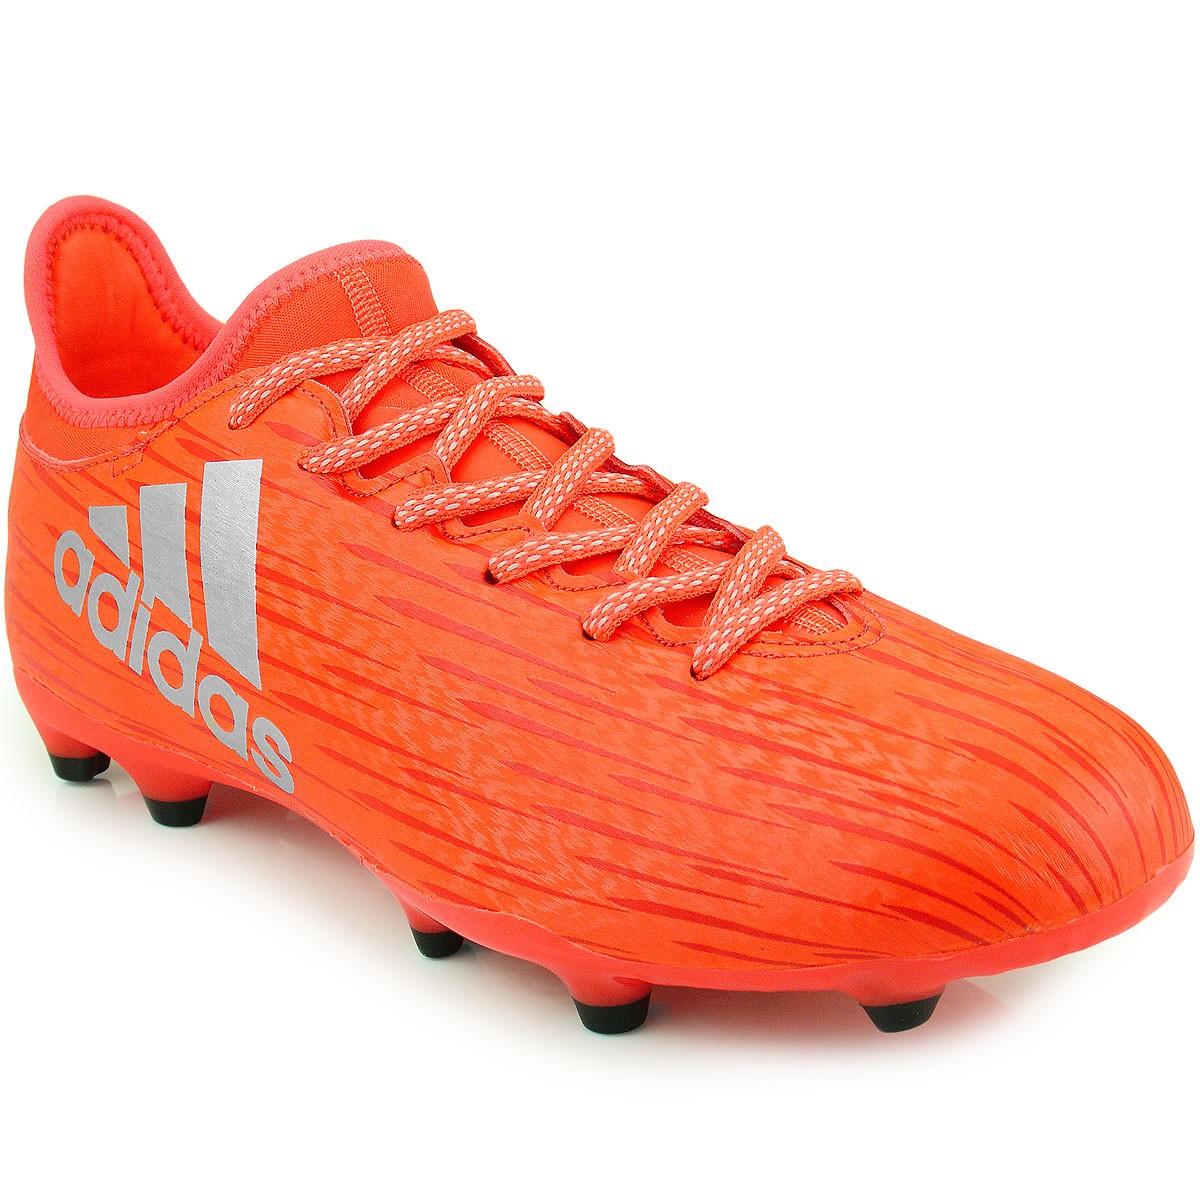 Chuteira Adidas X 16.3 FG  d56afd3d99aab